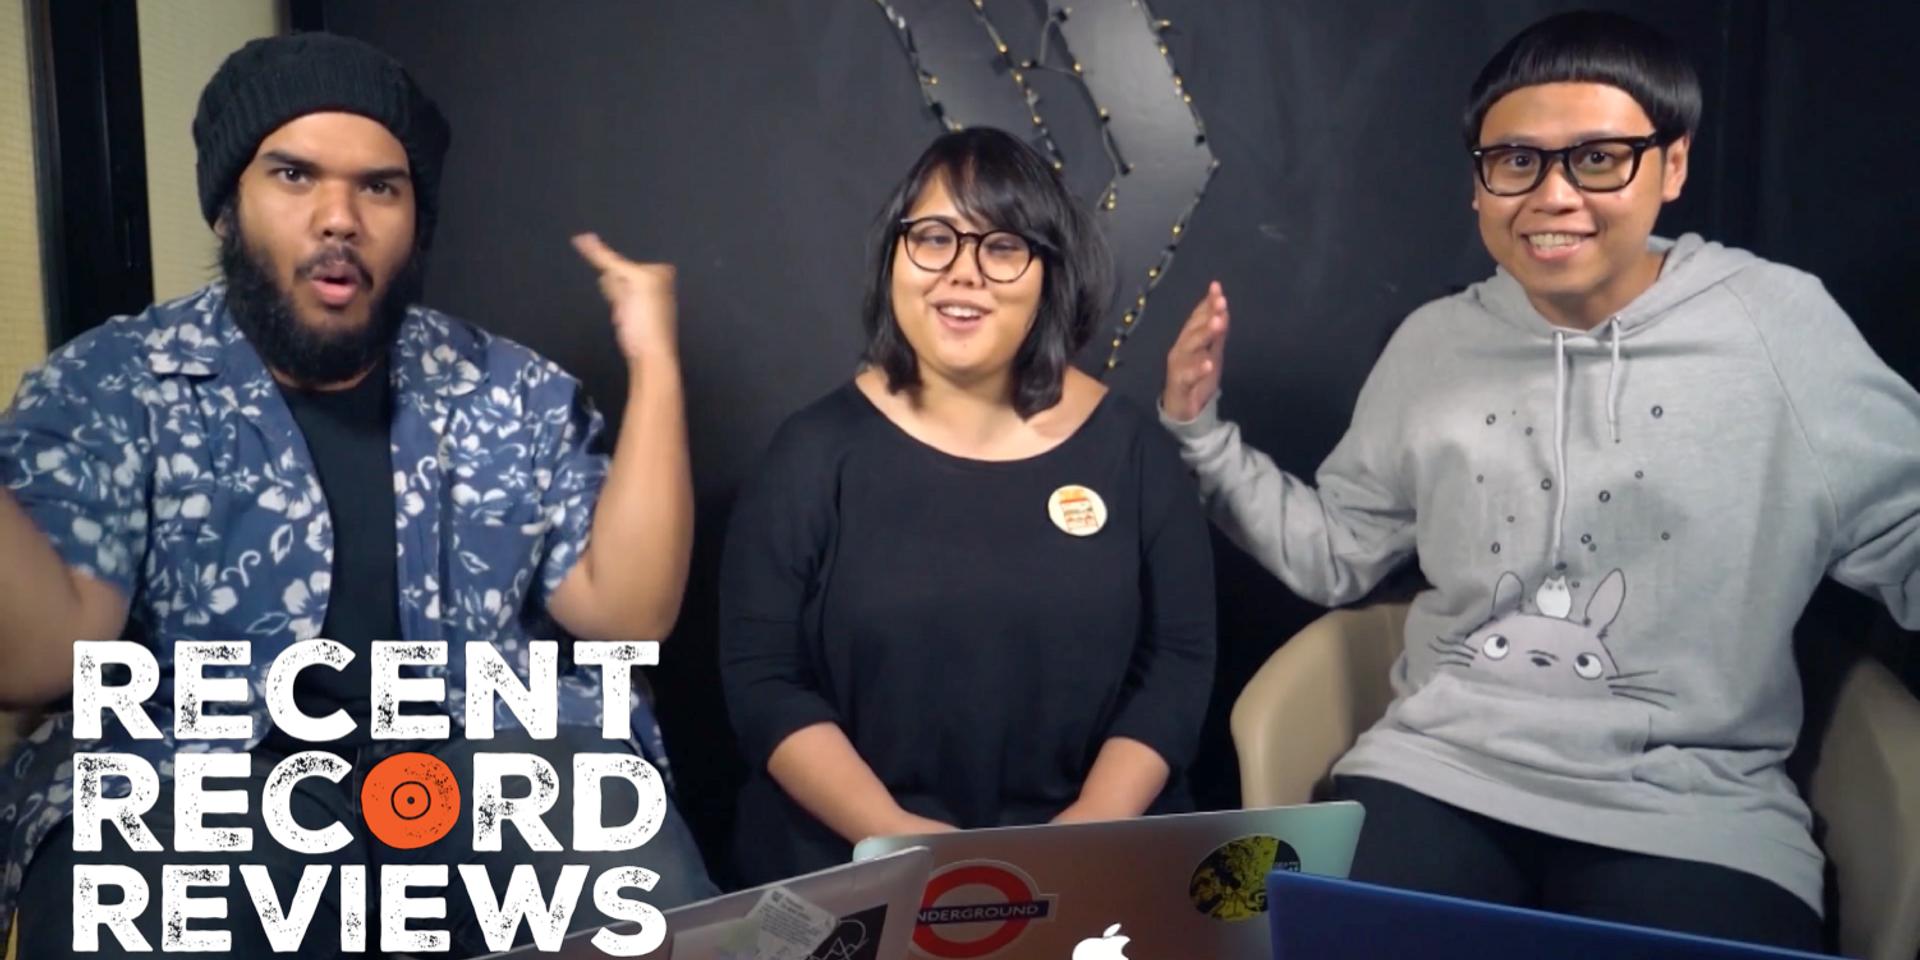 WATCH: Bandwagon Recent Record Reviews #009 - Tacit Aria, Pixel Apartment, Savages